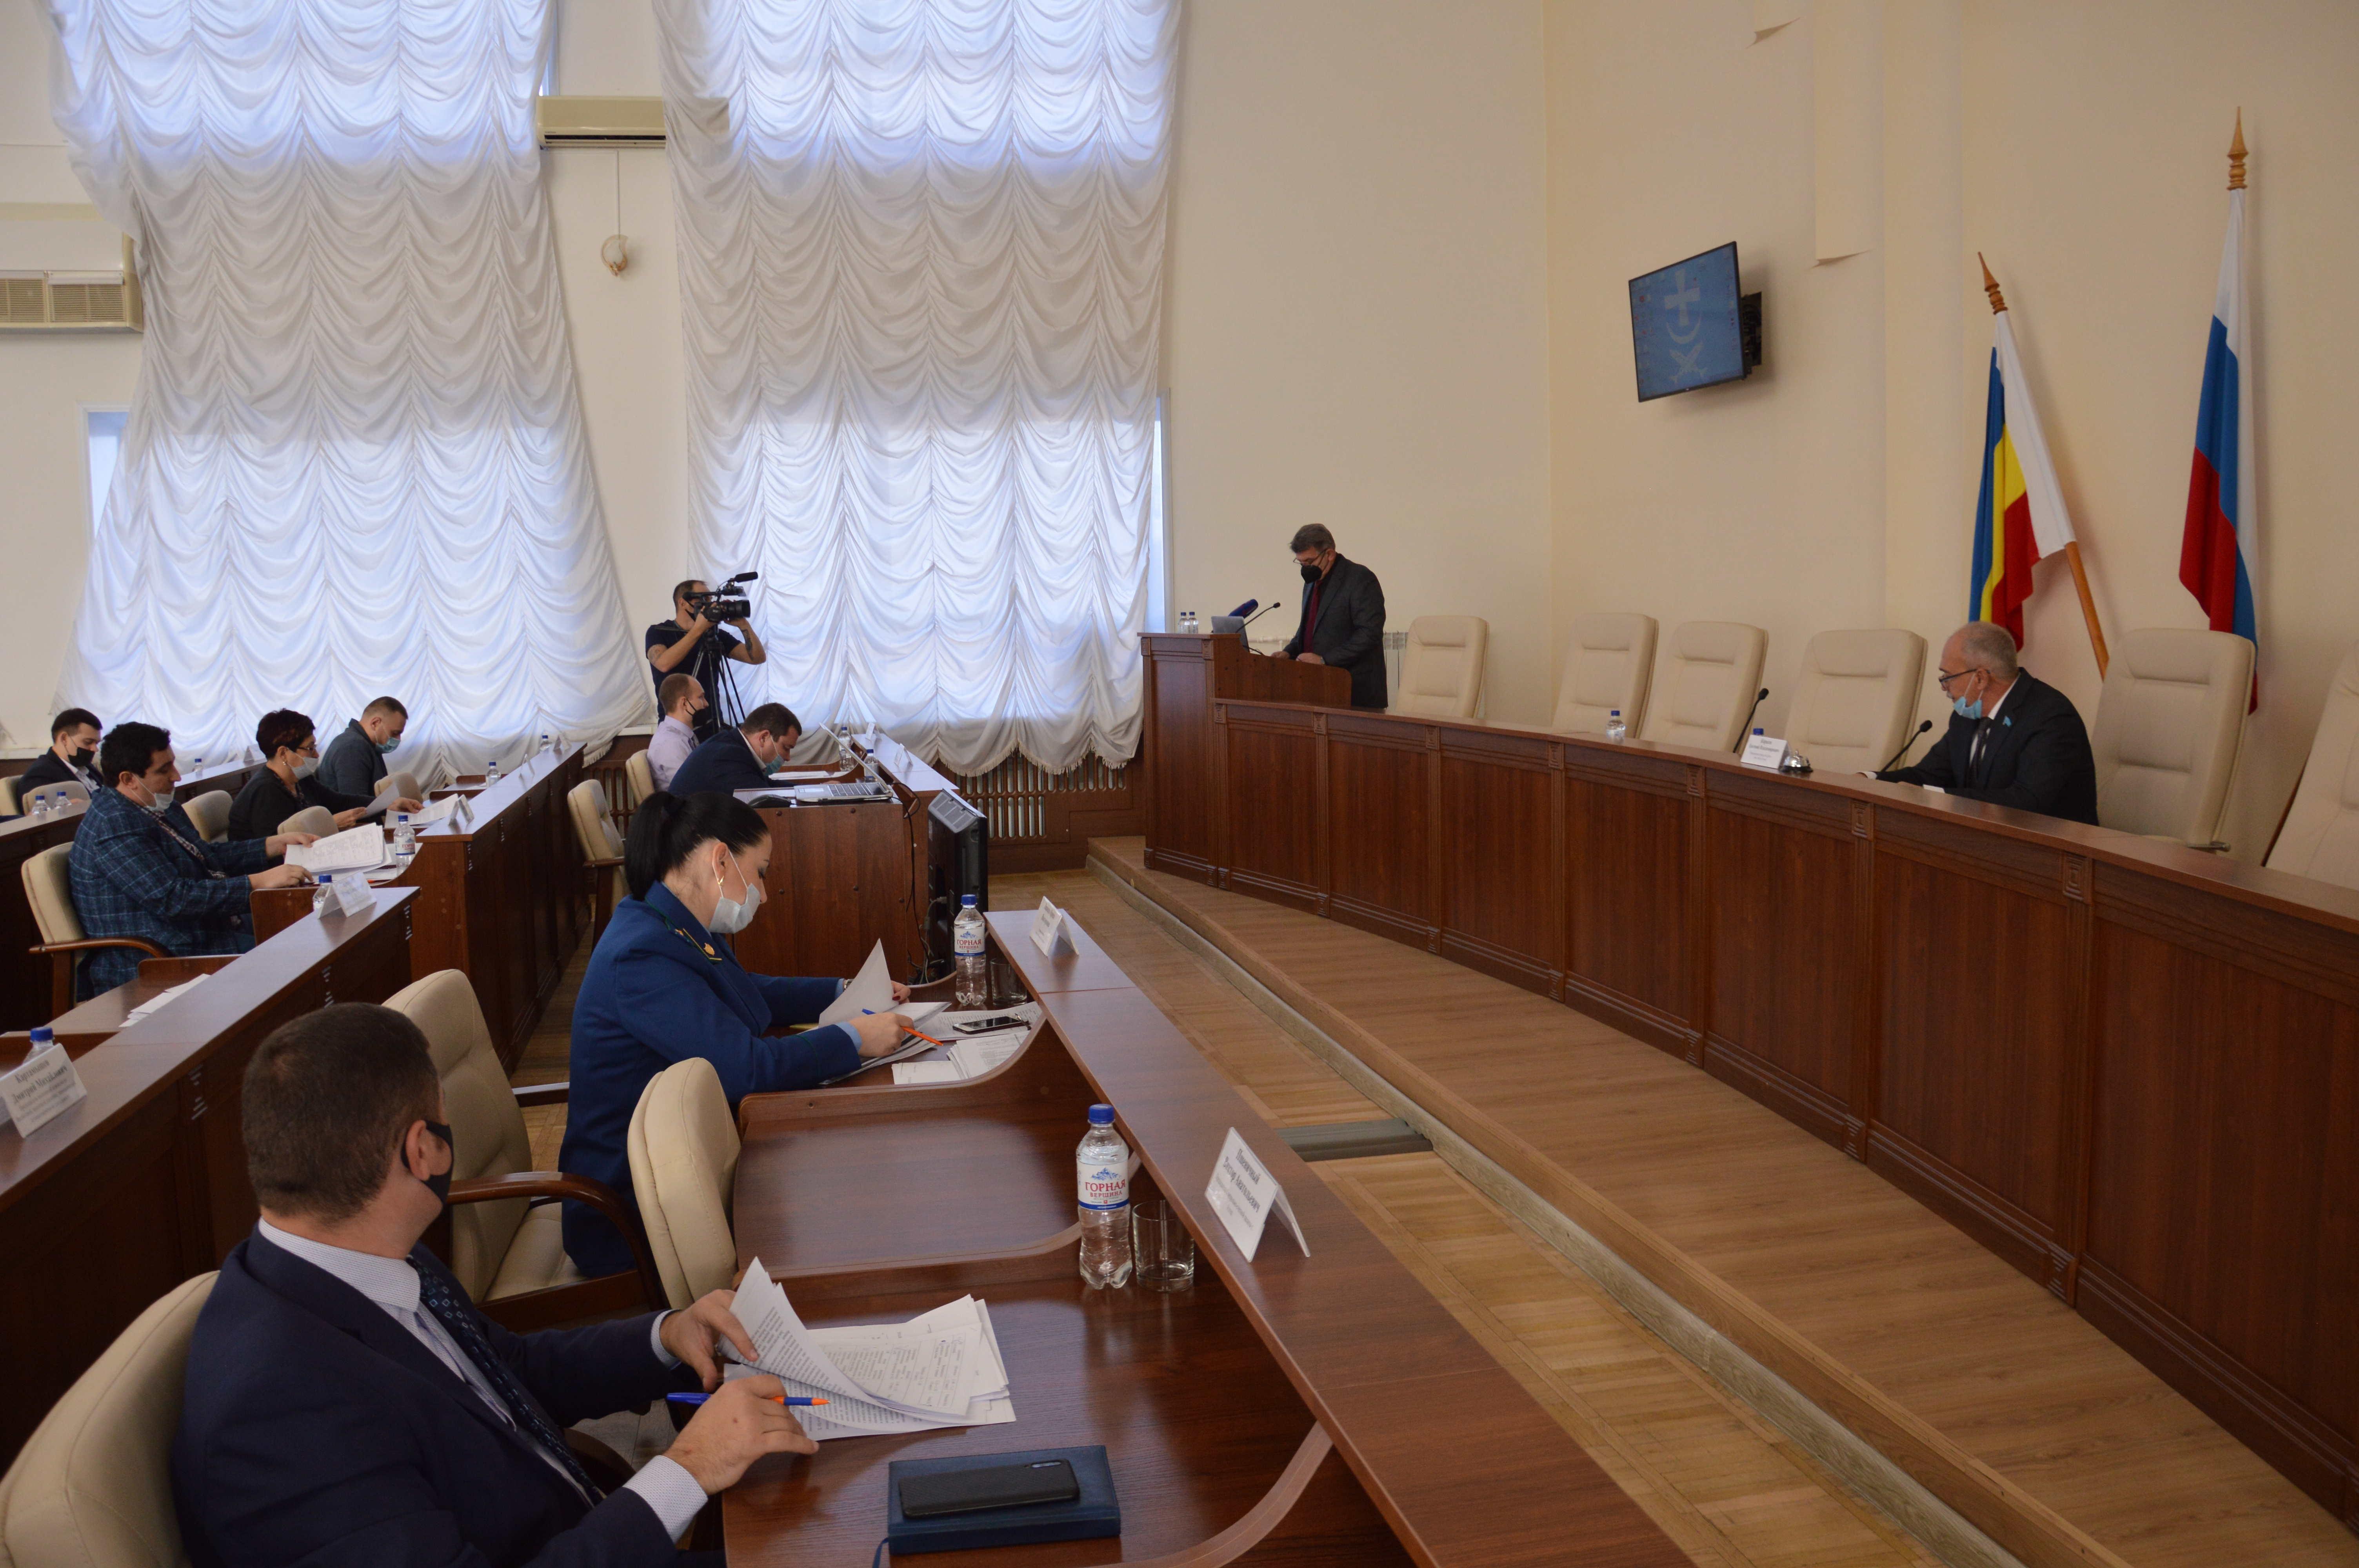 25 ноября в большом зале Администрации г. Азова состоялось шестнадцатое заседание Азовской городской Думы седьмого созыва.